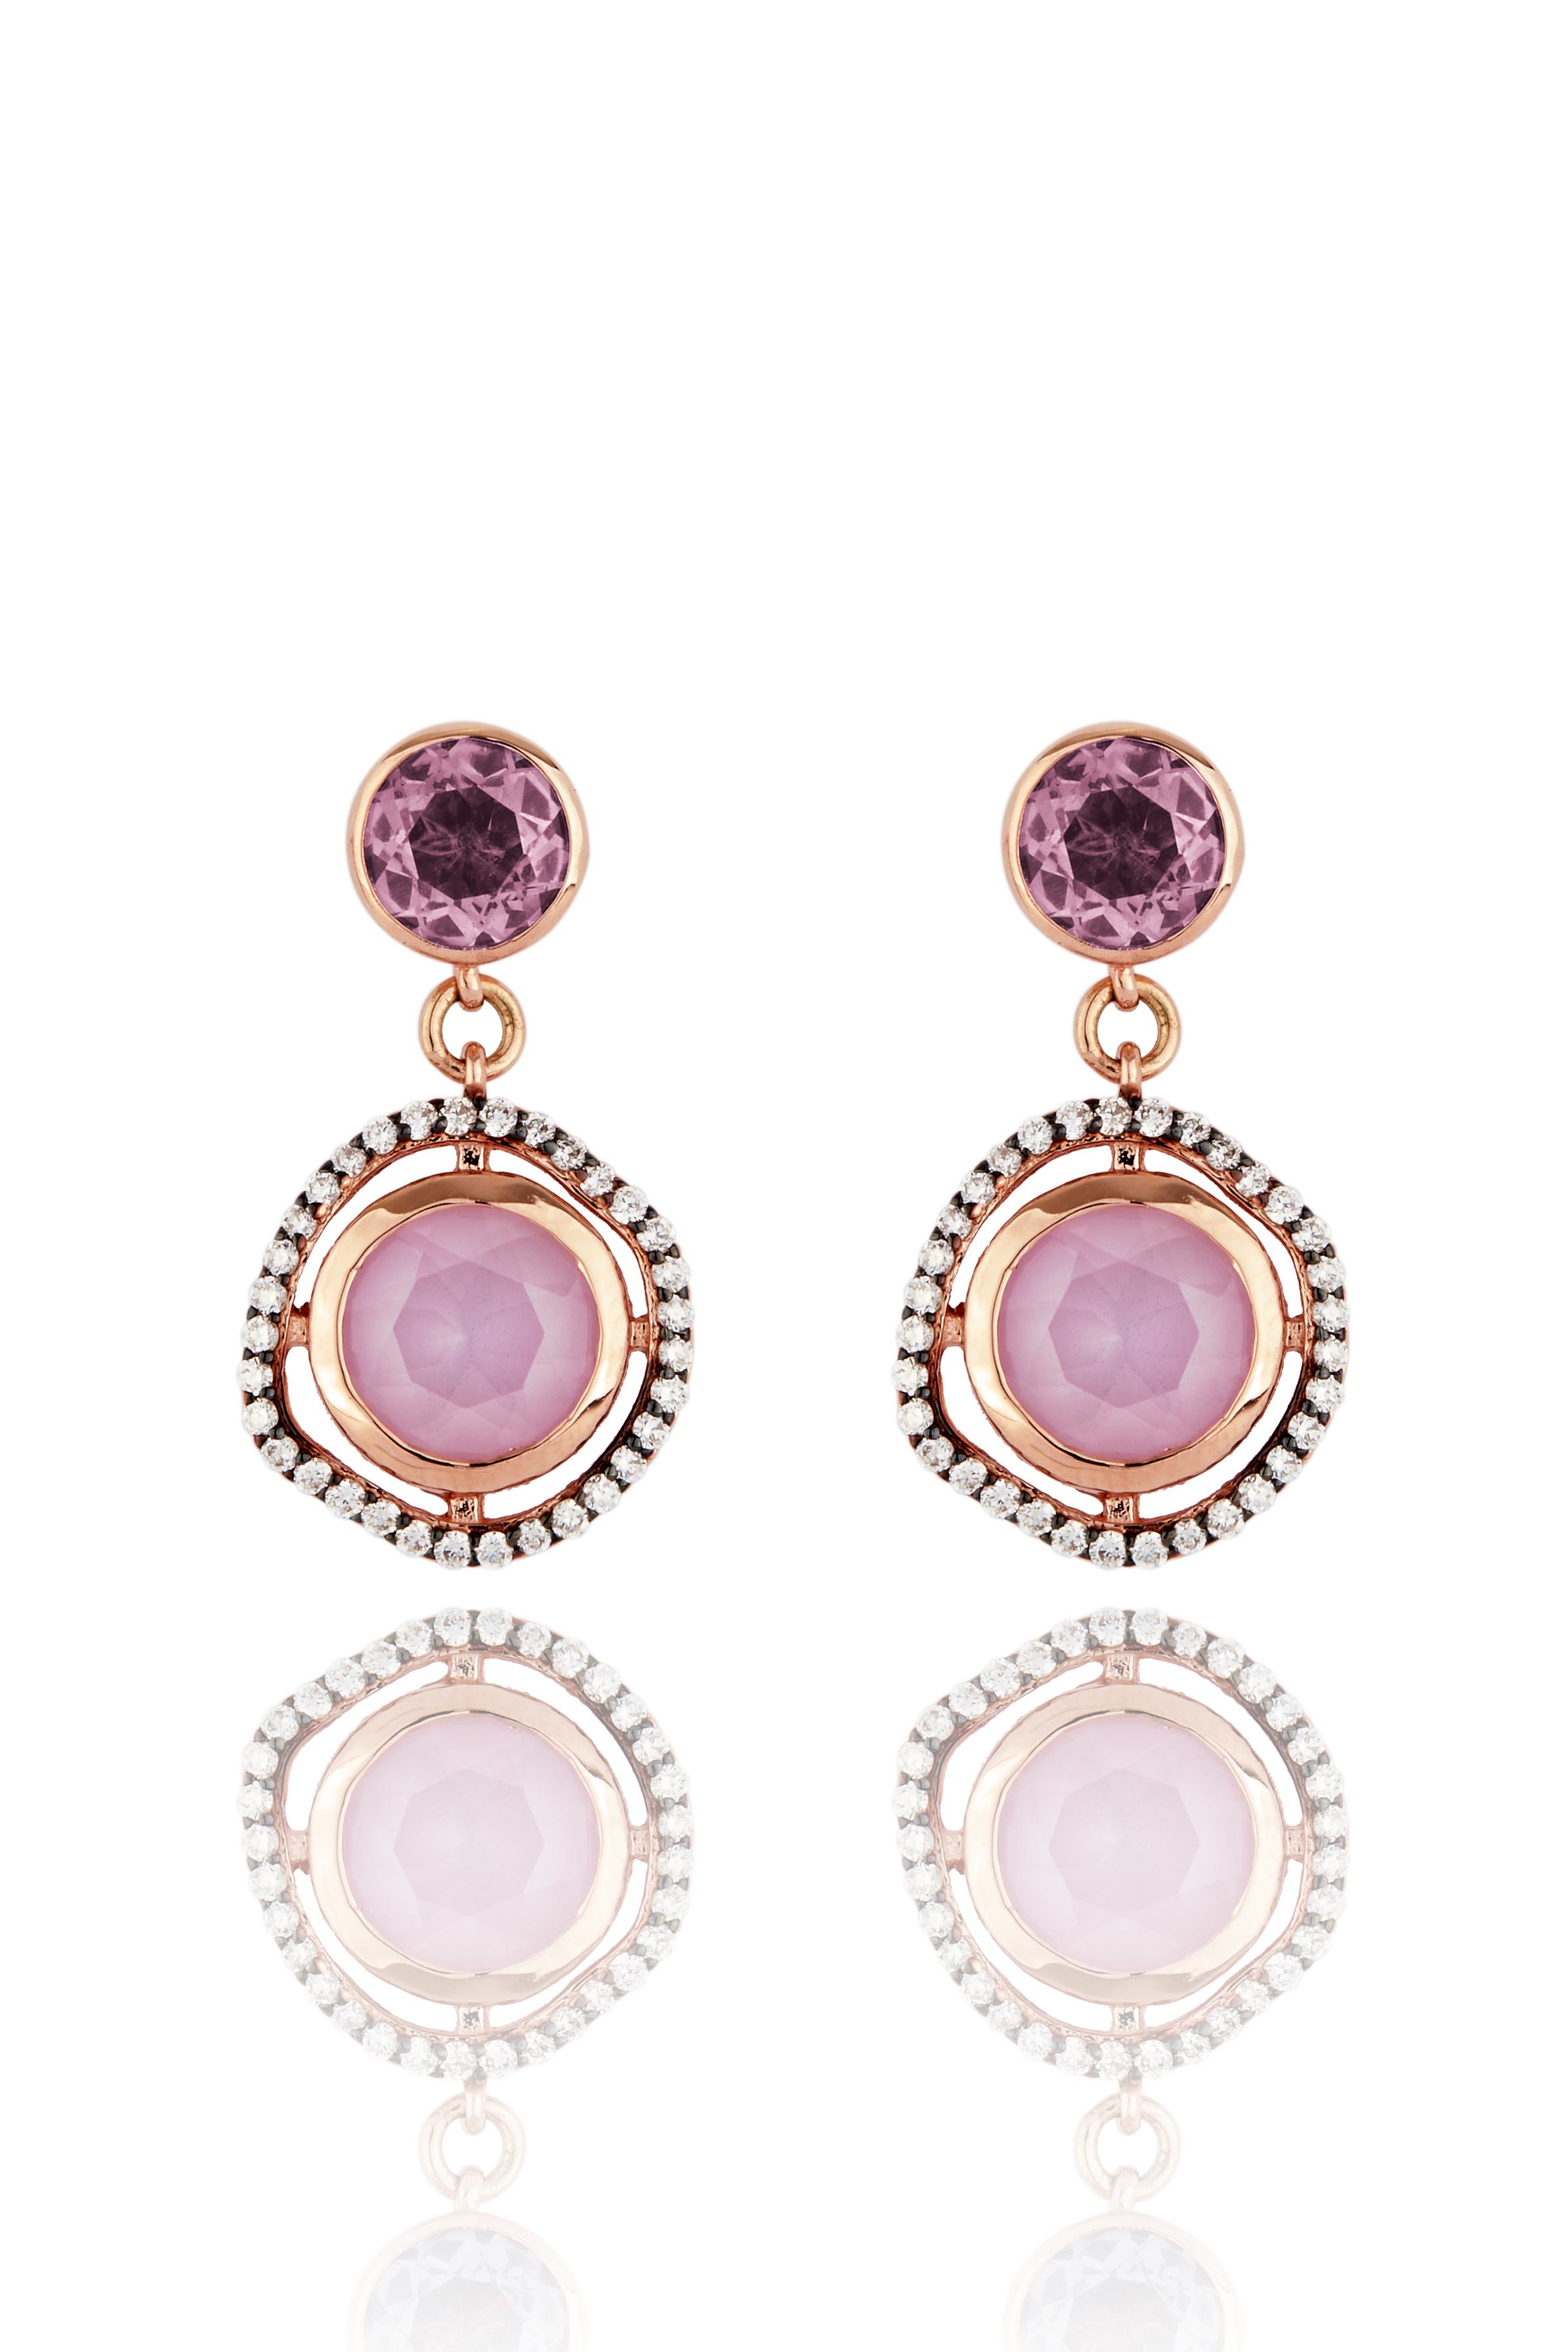 Lark & Berry Dark Halo Sapphire Drop Earrings, £825 |  www.larkandberry.com